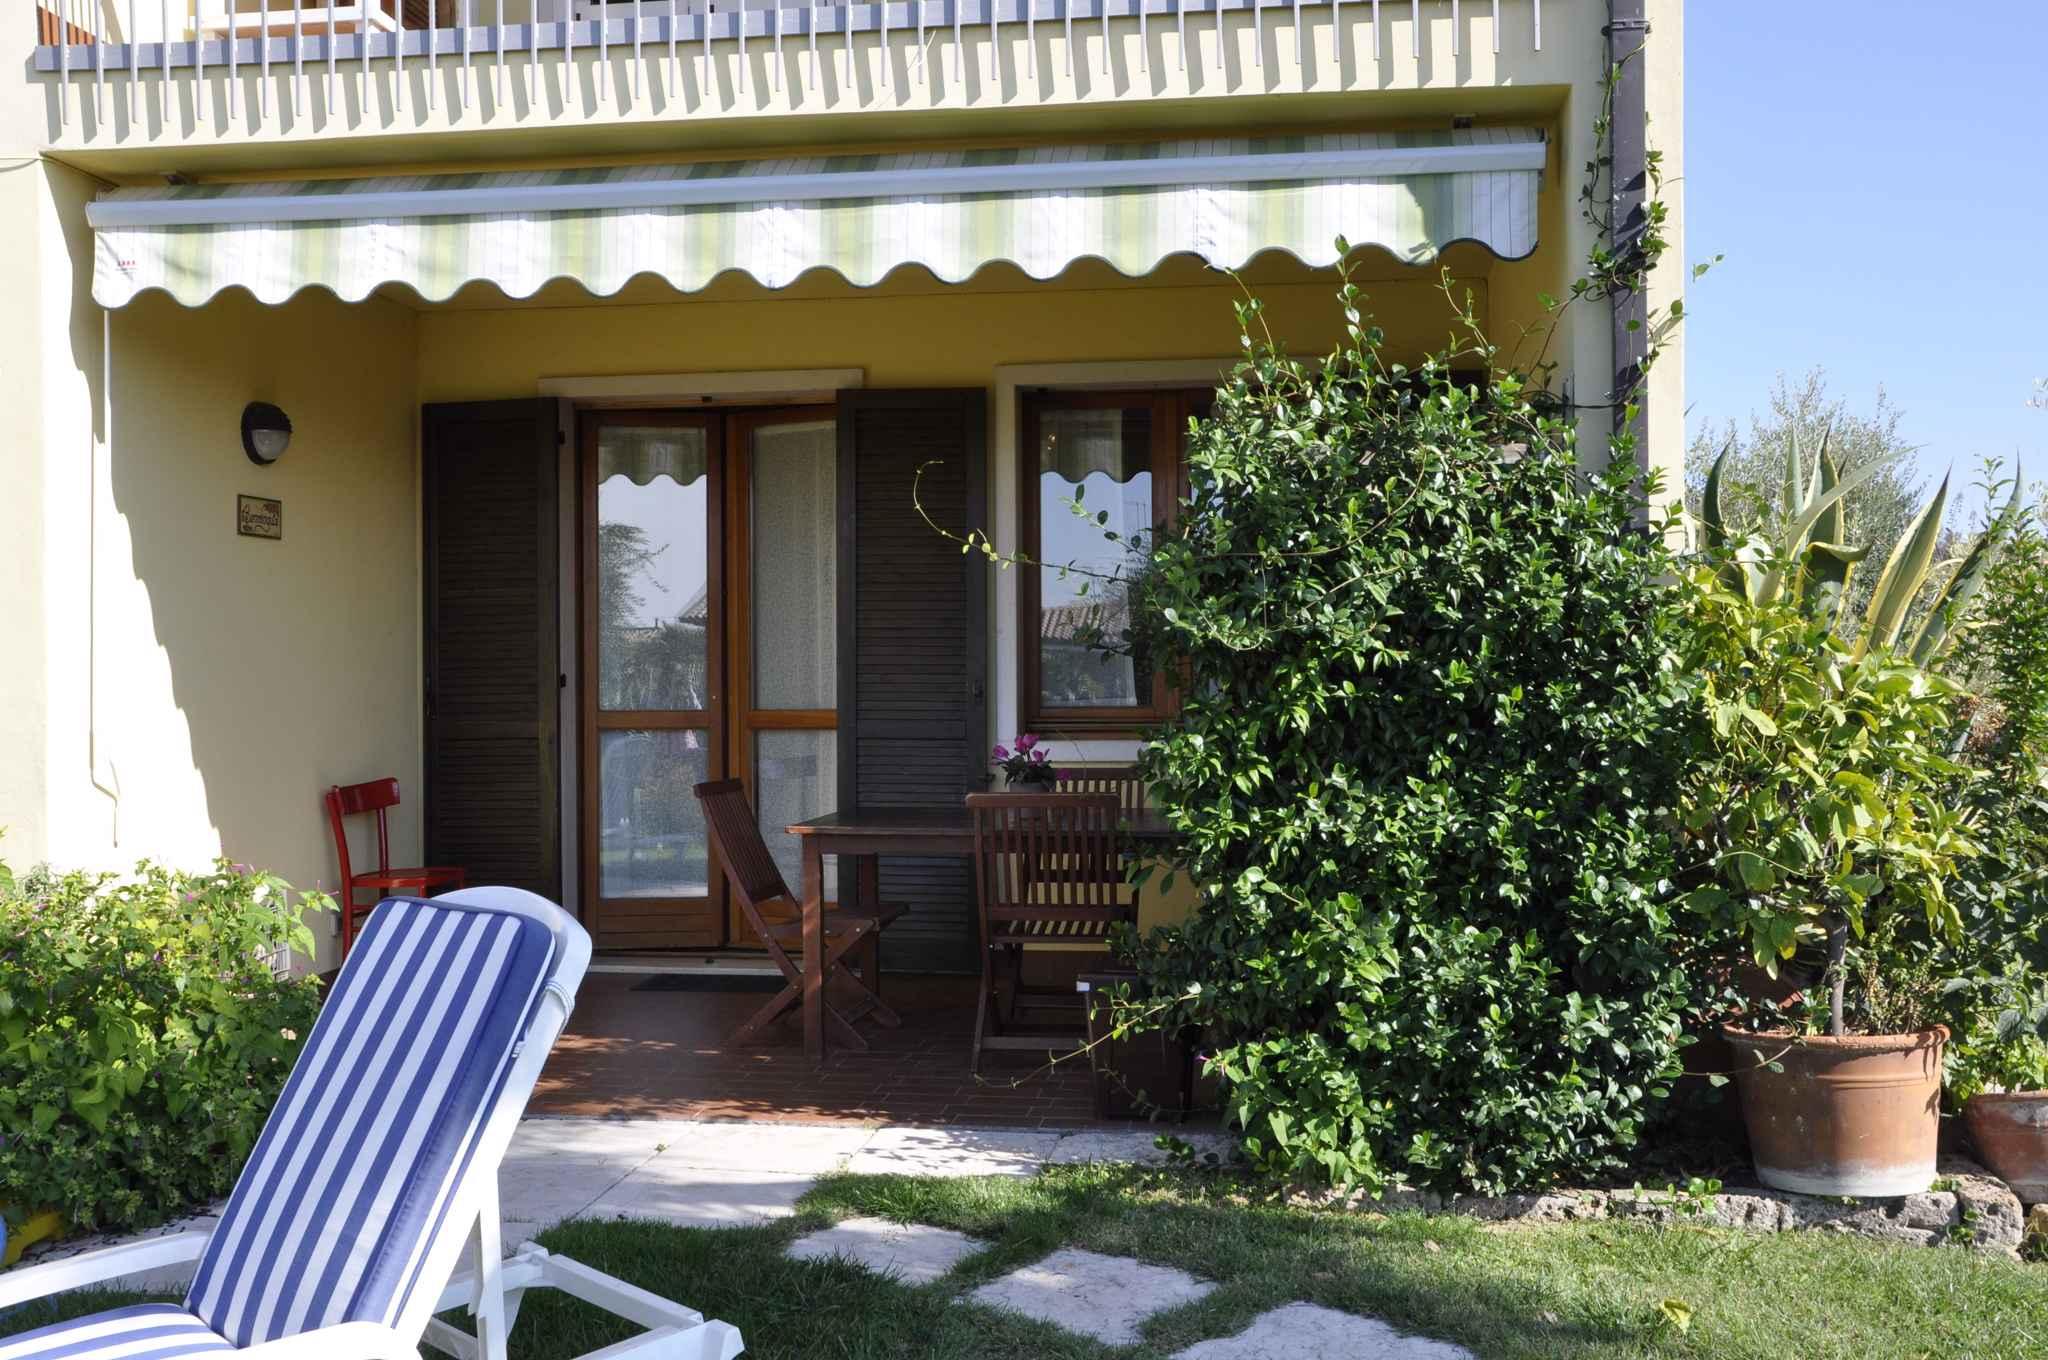 Ferienwohnung con piscina (279601), Lazise, Gardasee, Venetien, Italien, Bild 2